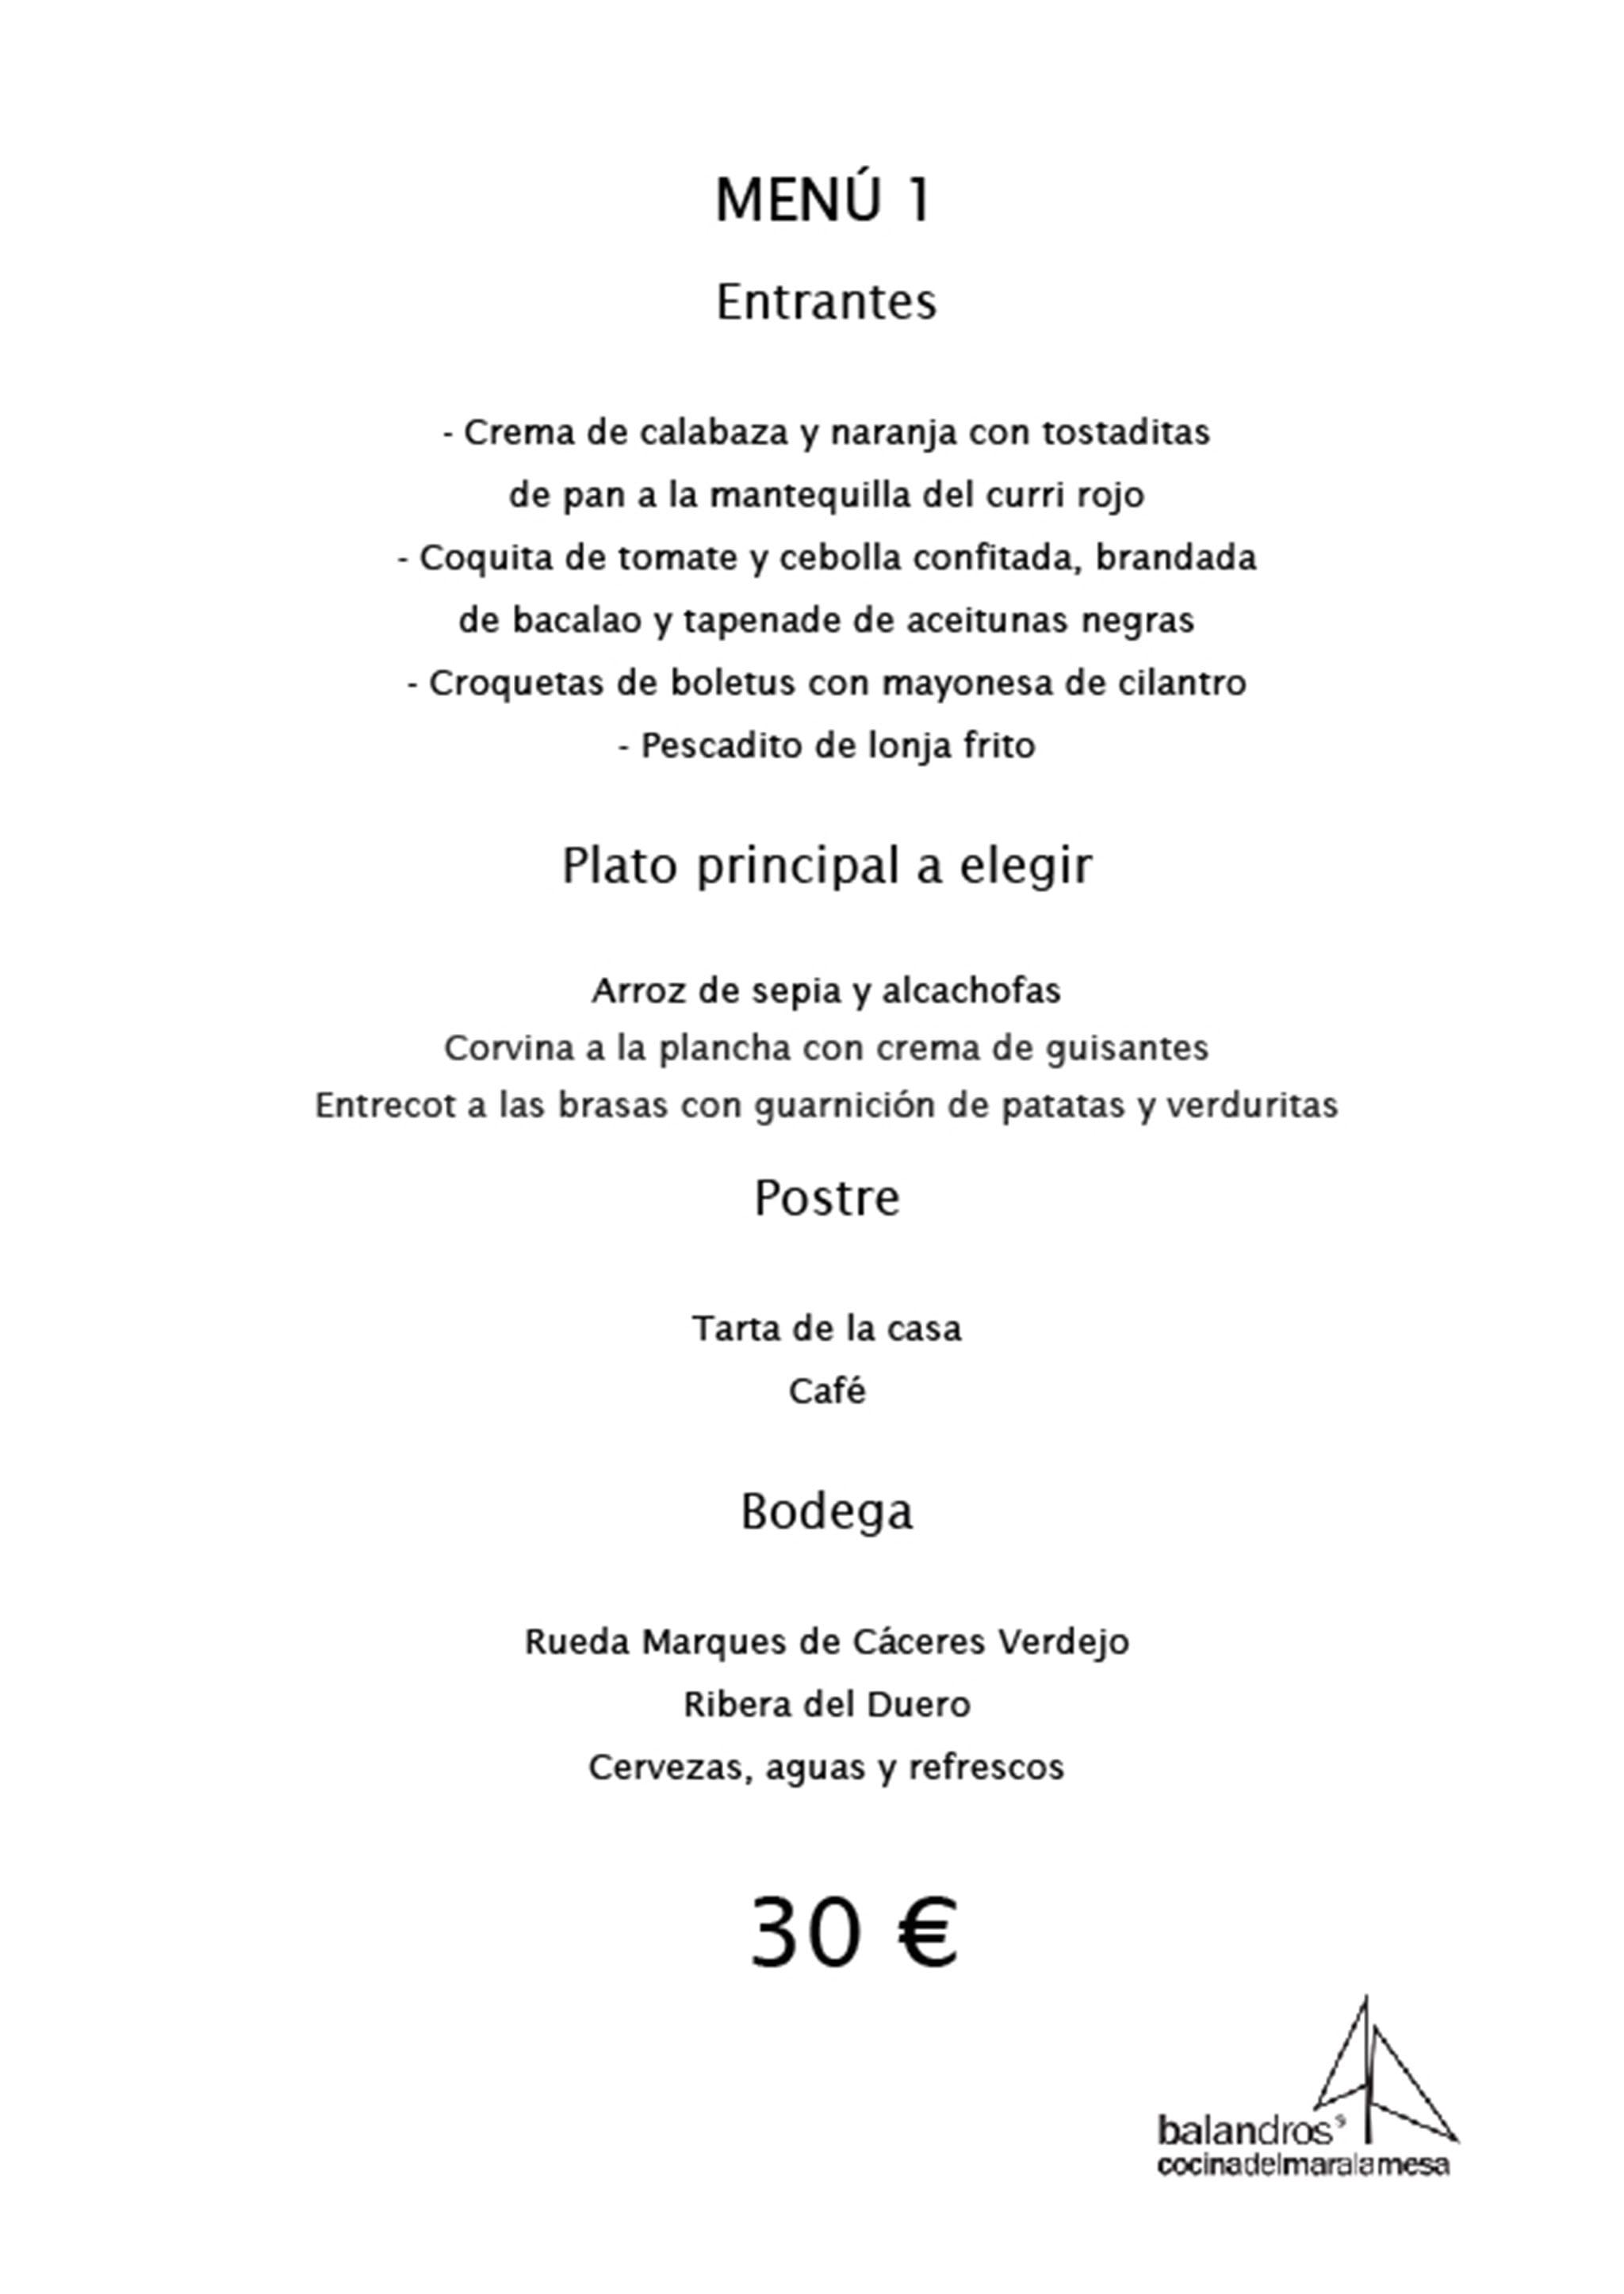 Menú de empresa por 30€ en Restaurante Balandros